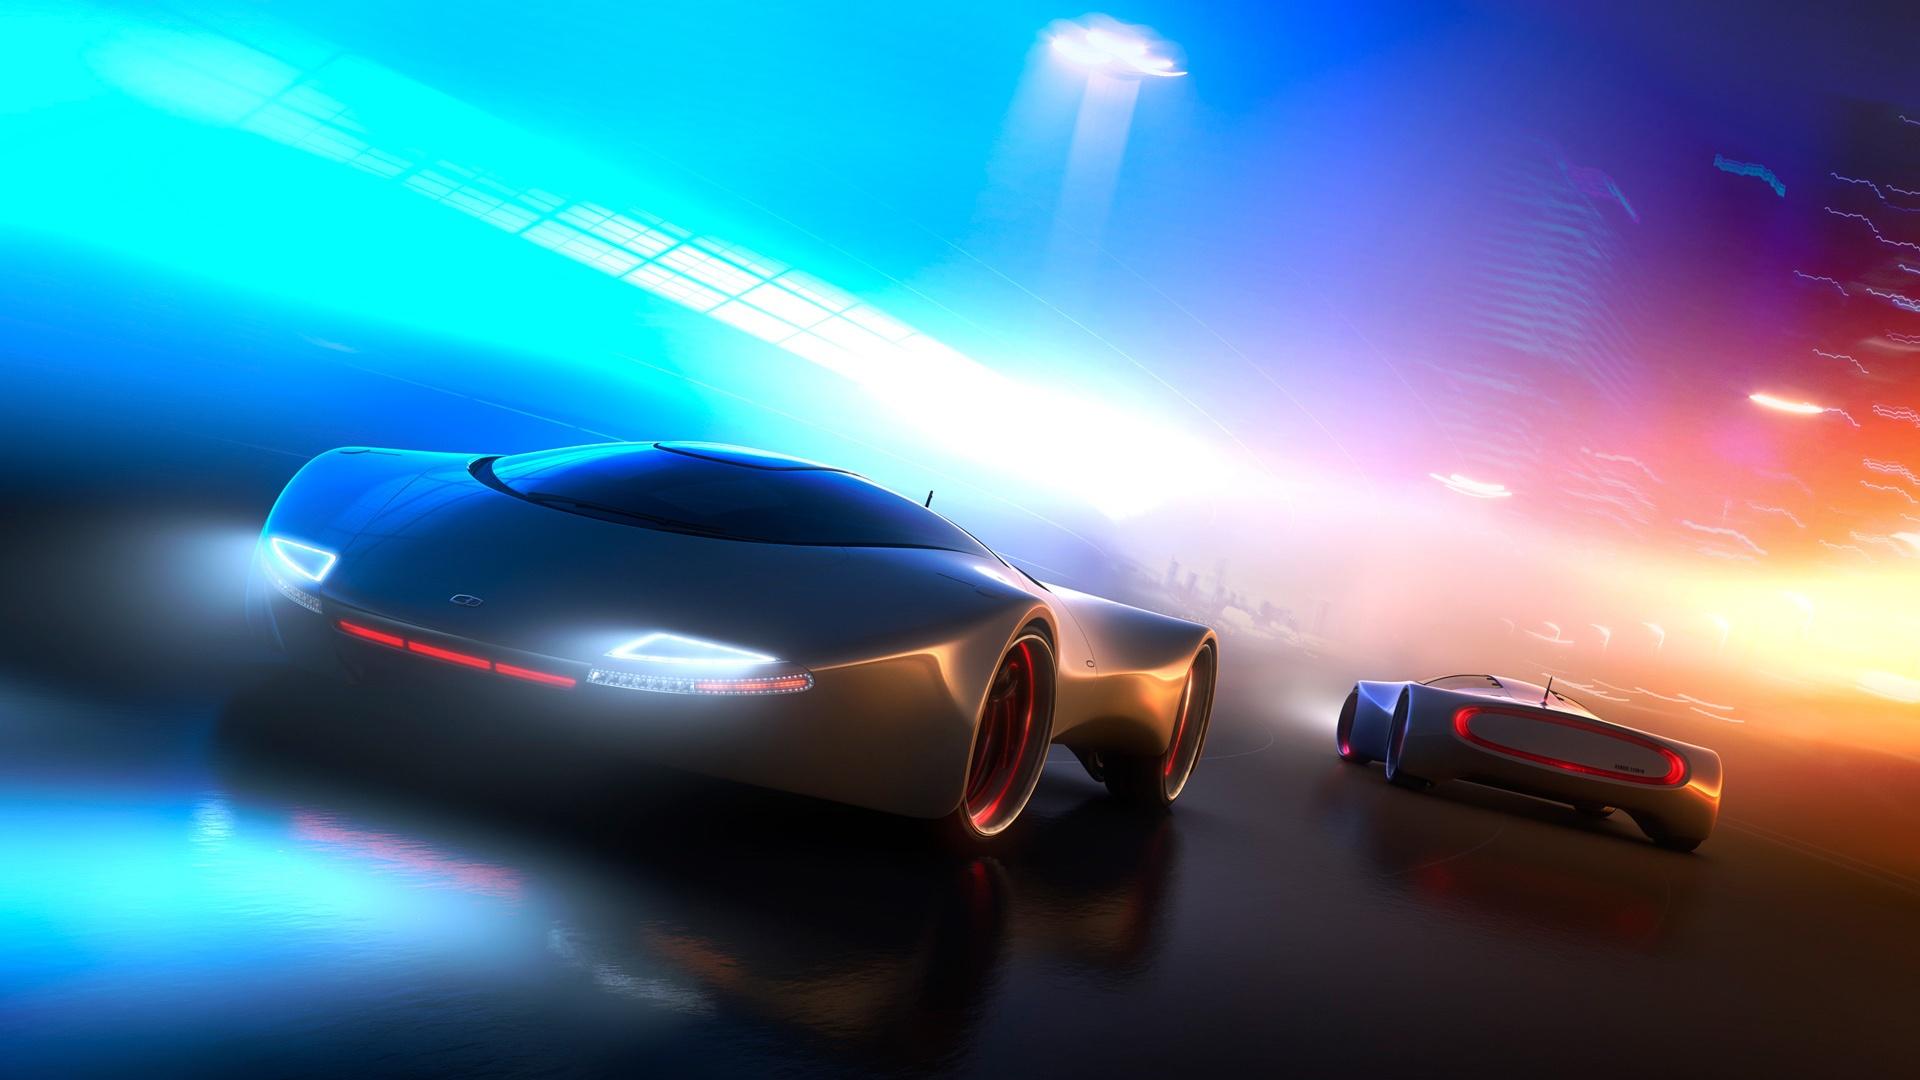 Full HD Wallpaper electric car futuristic blurry speed light 1920x1080